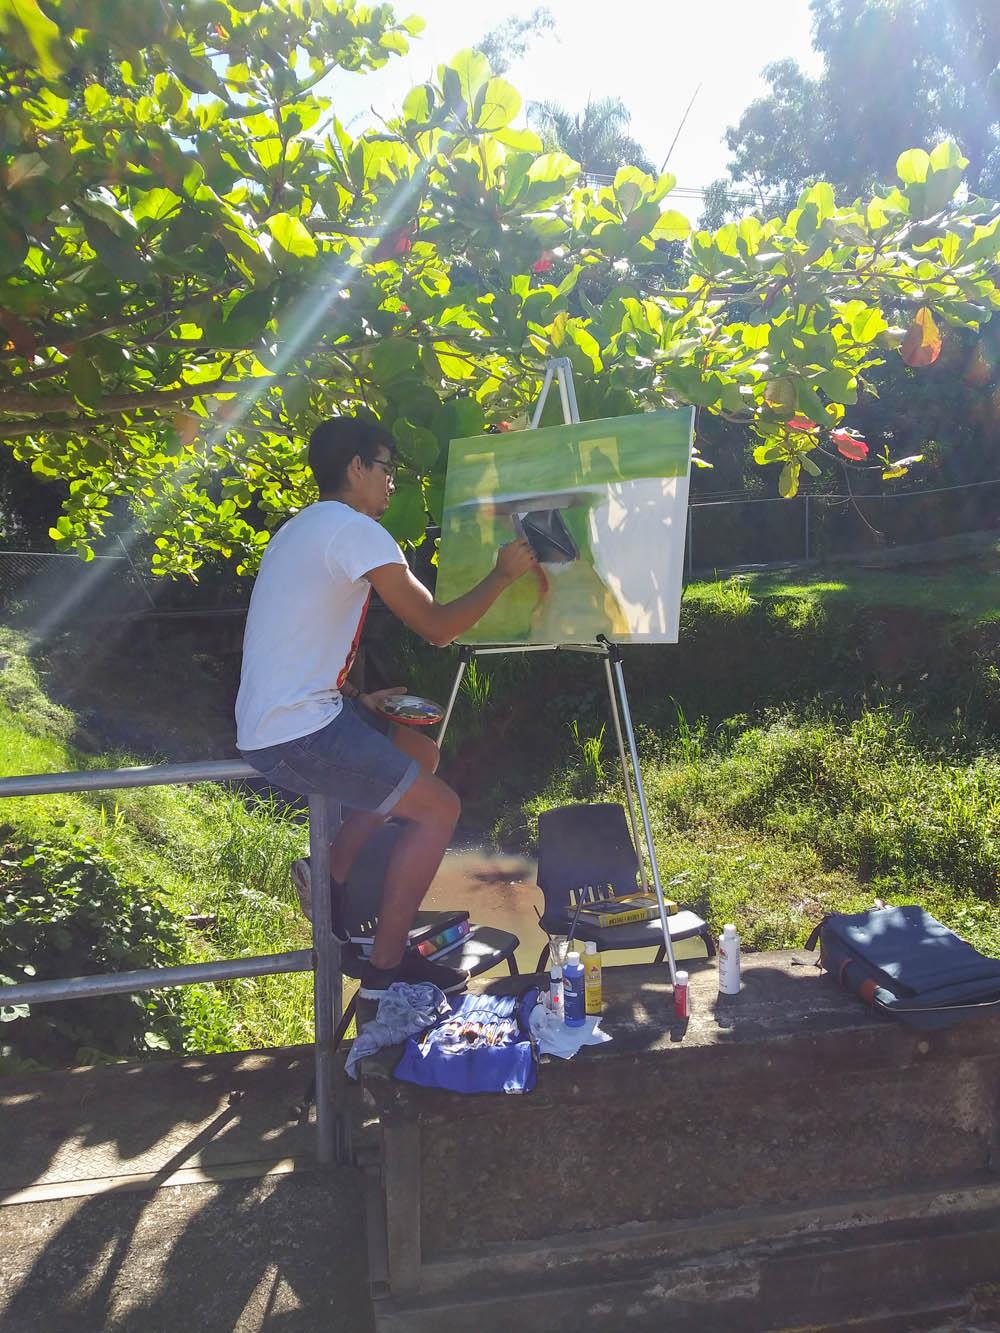 Estudiante pintando frente a Taller de Artes